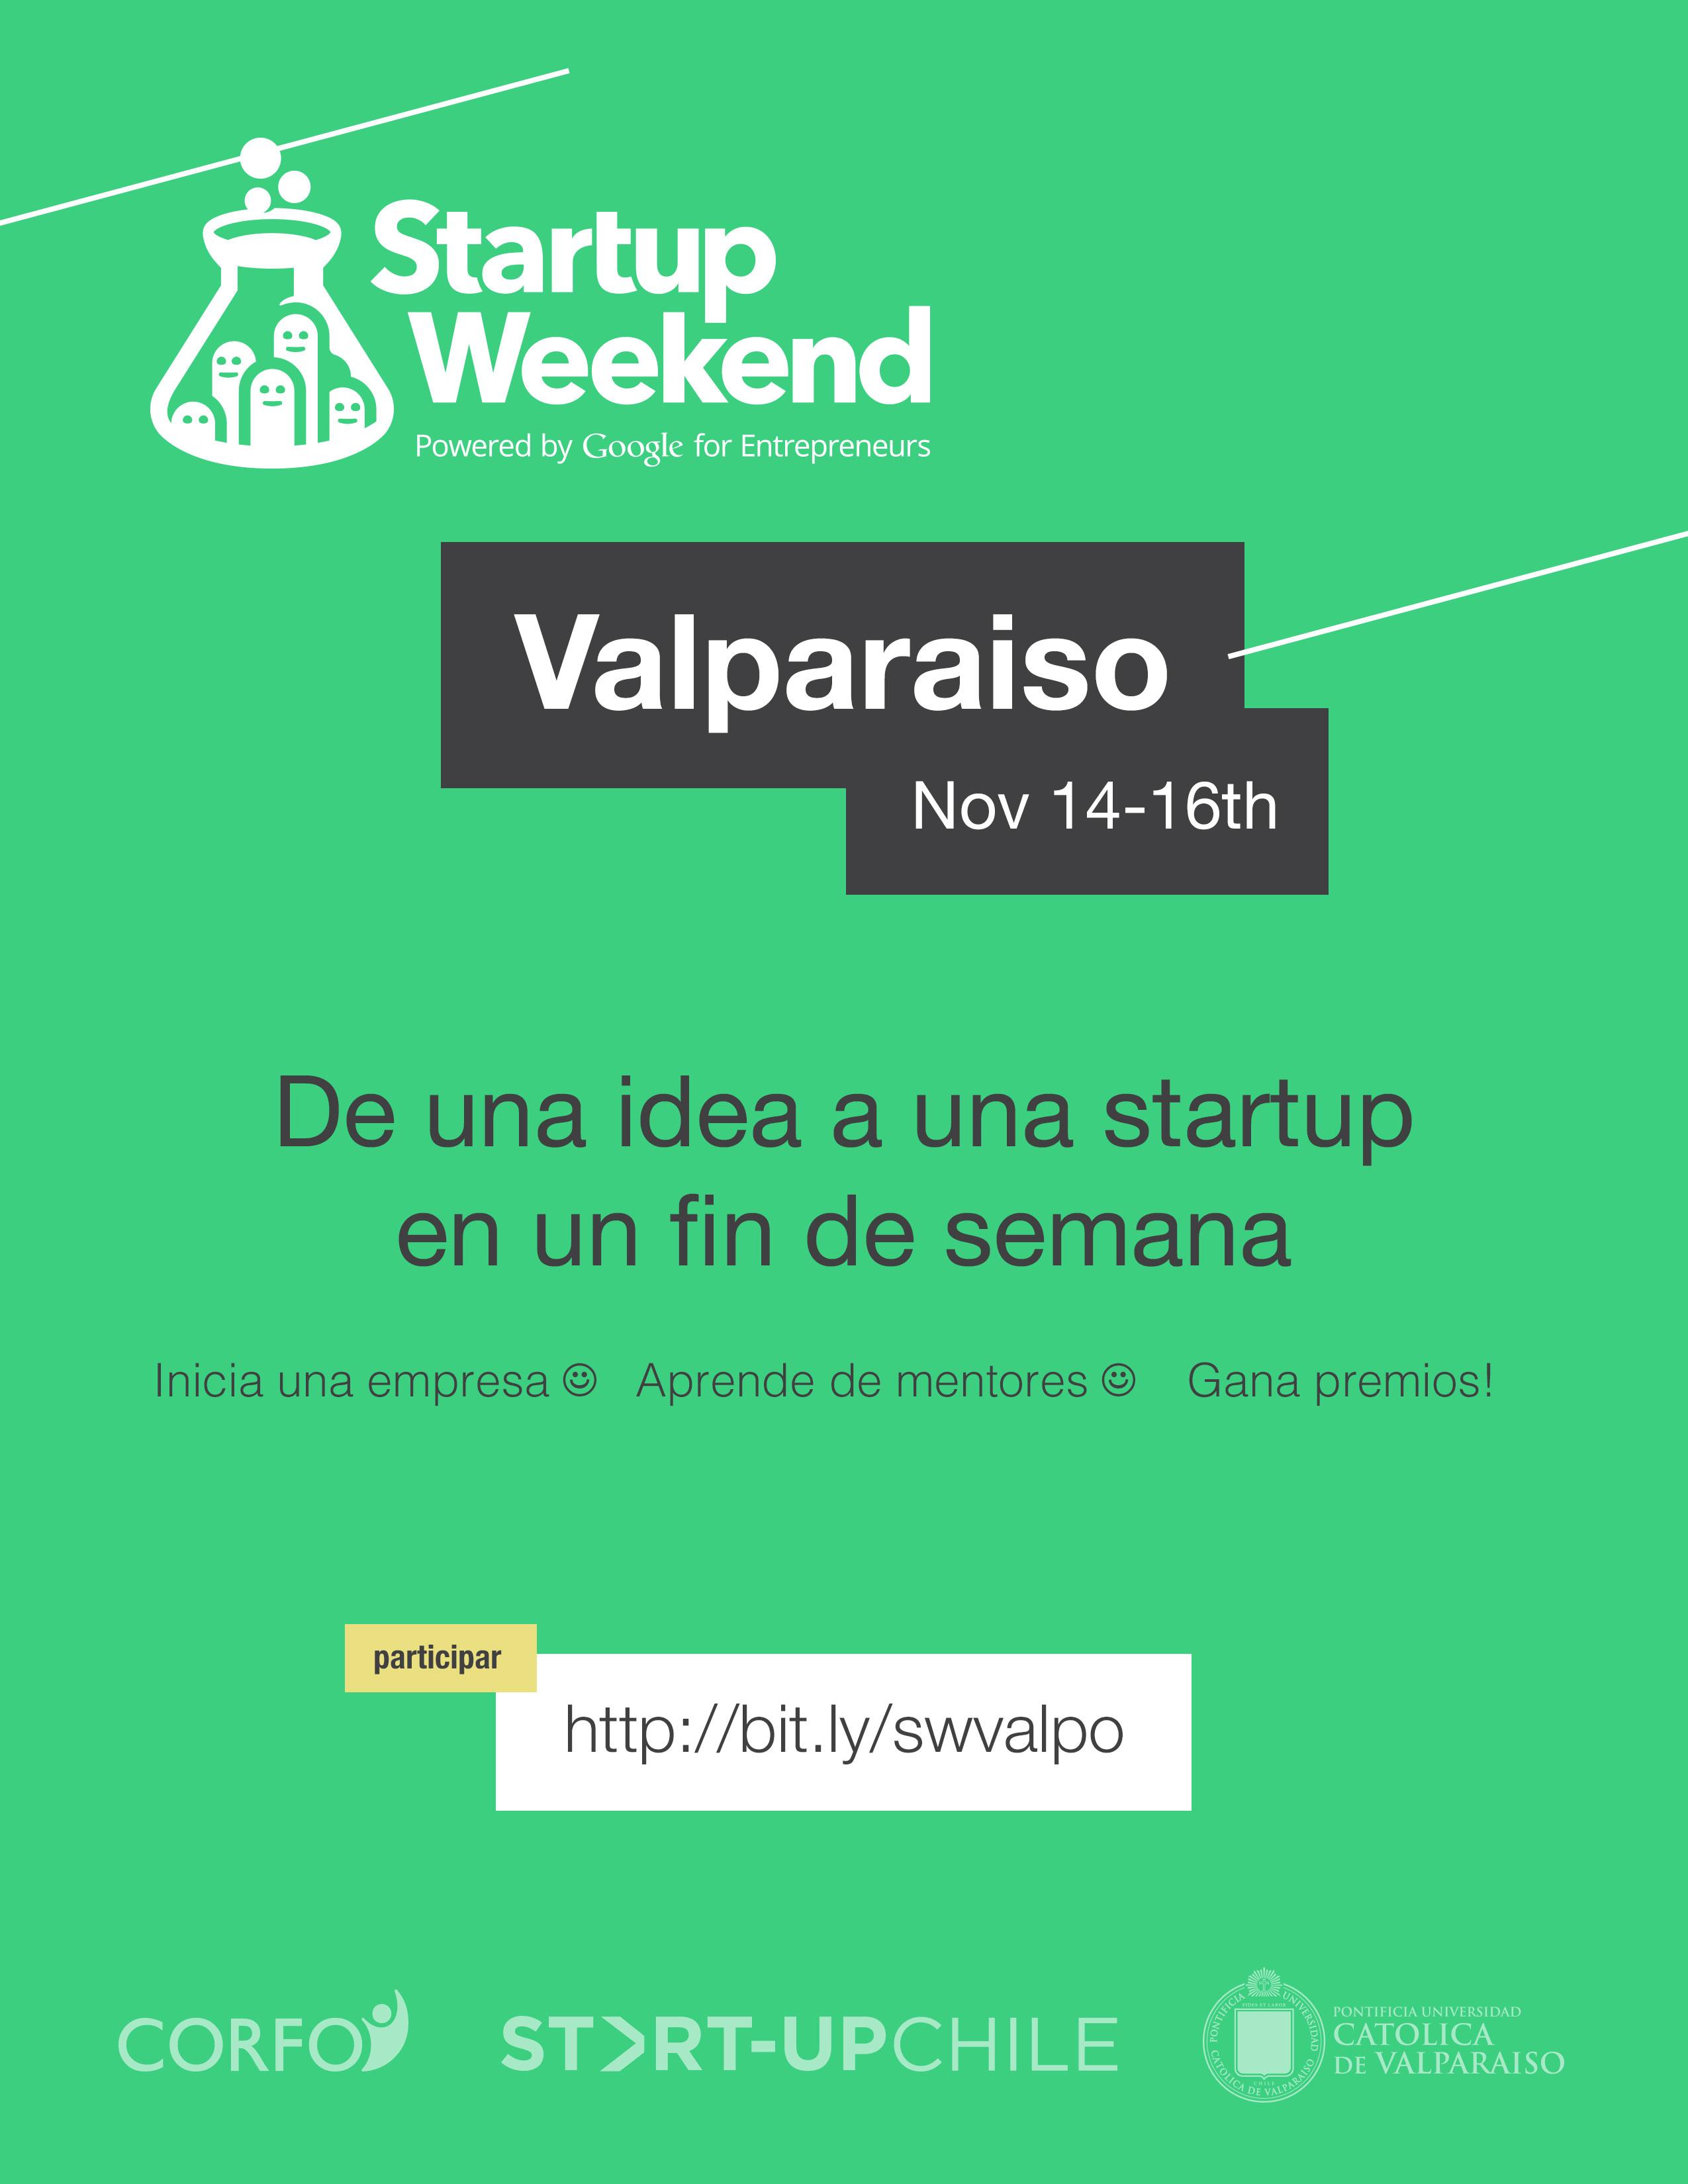 Startup Weekend Valparaíso 14-16 Novembre 2014